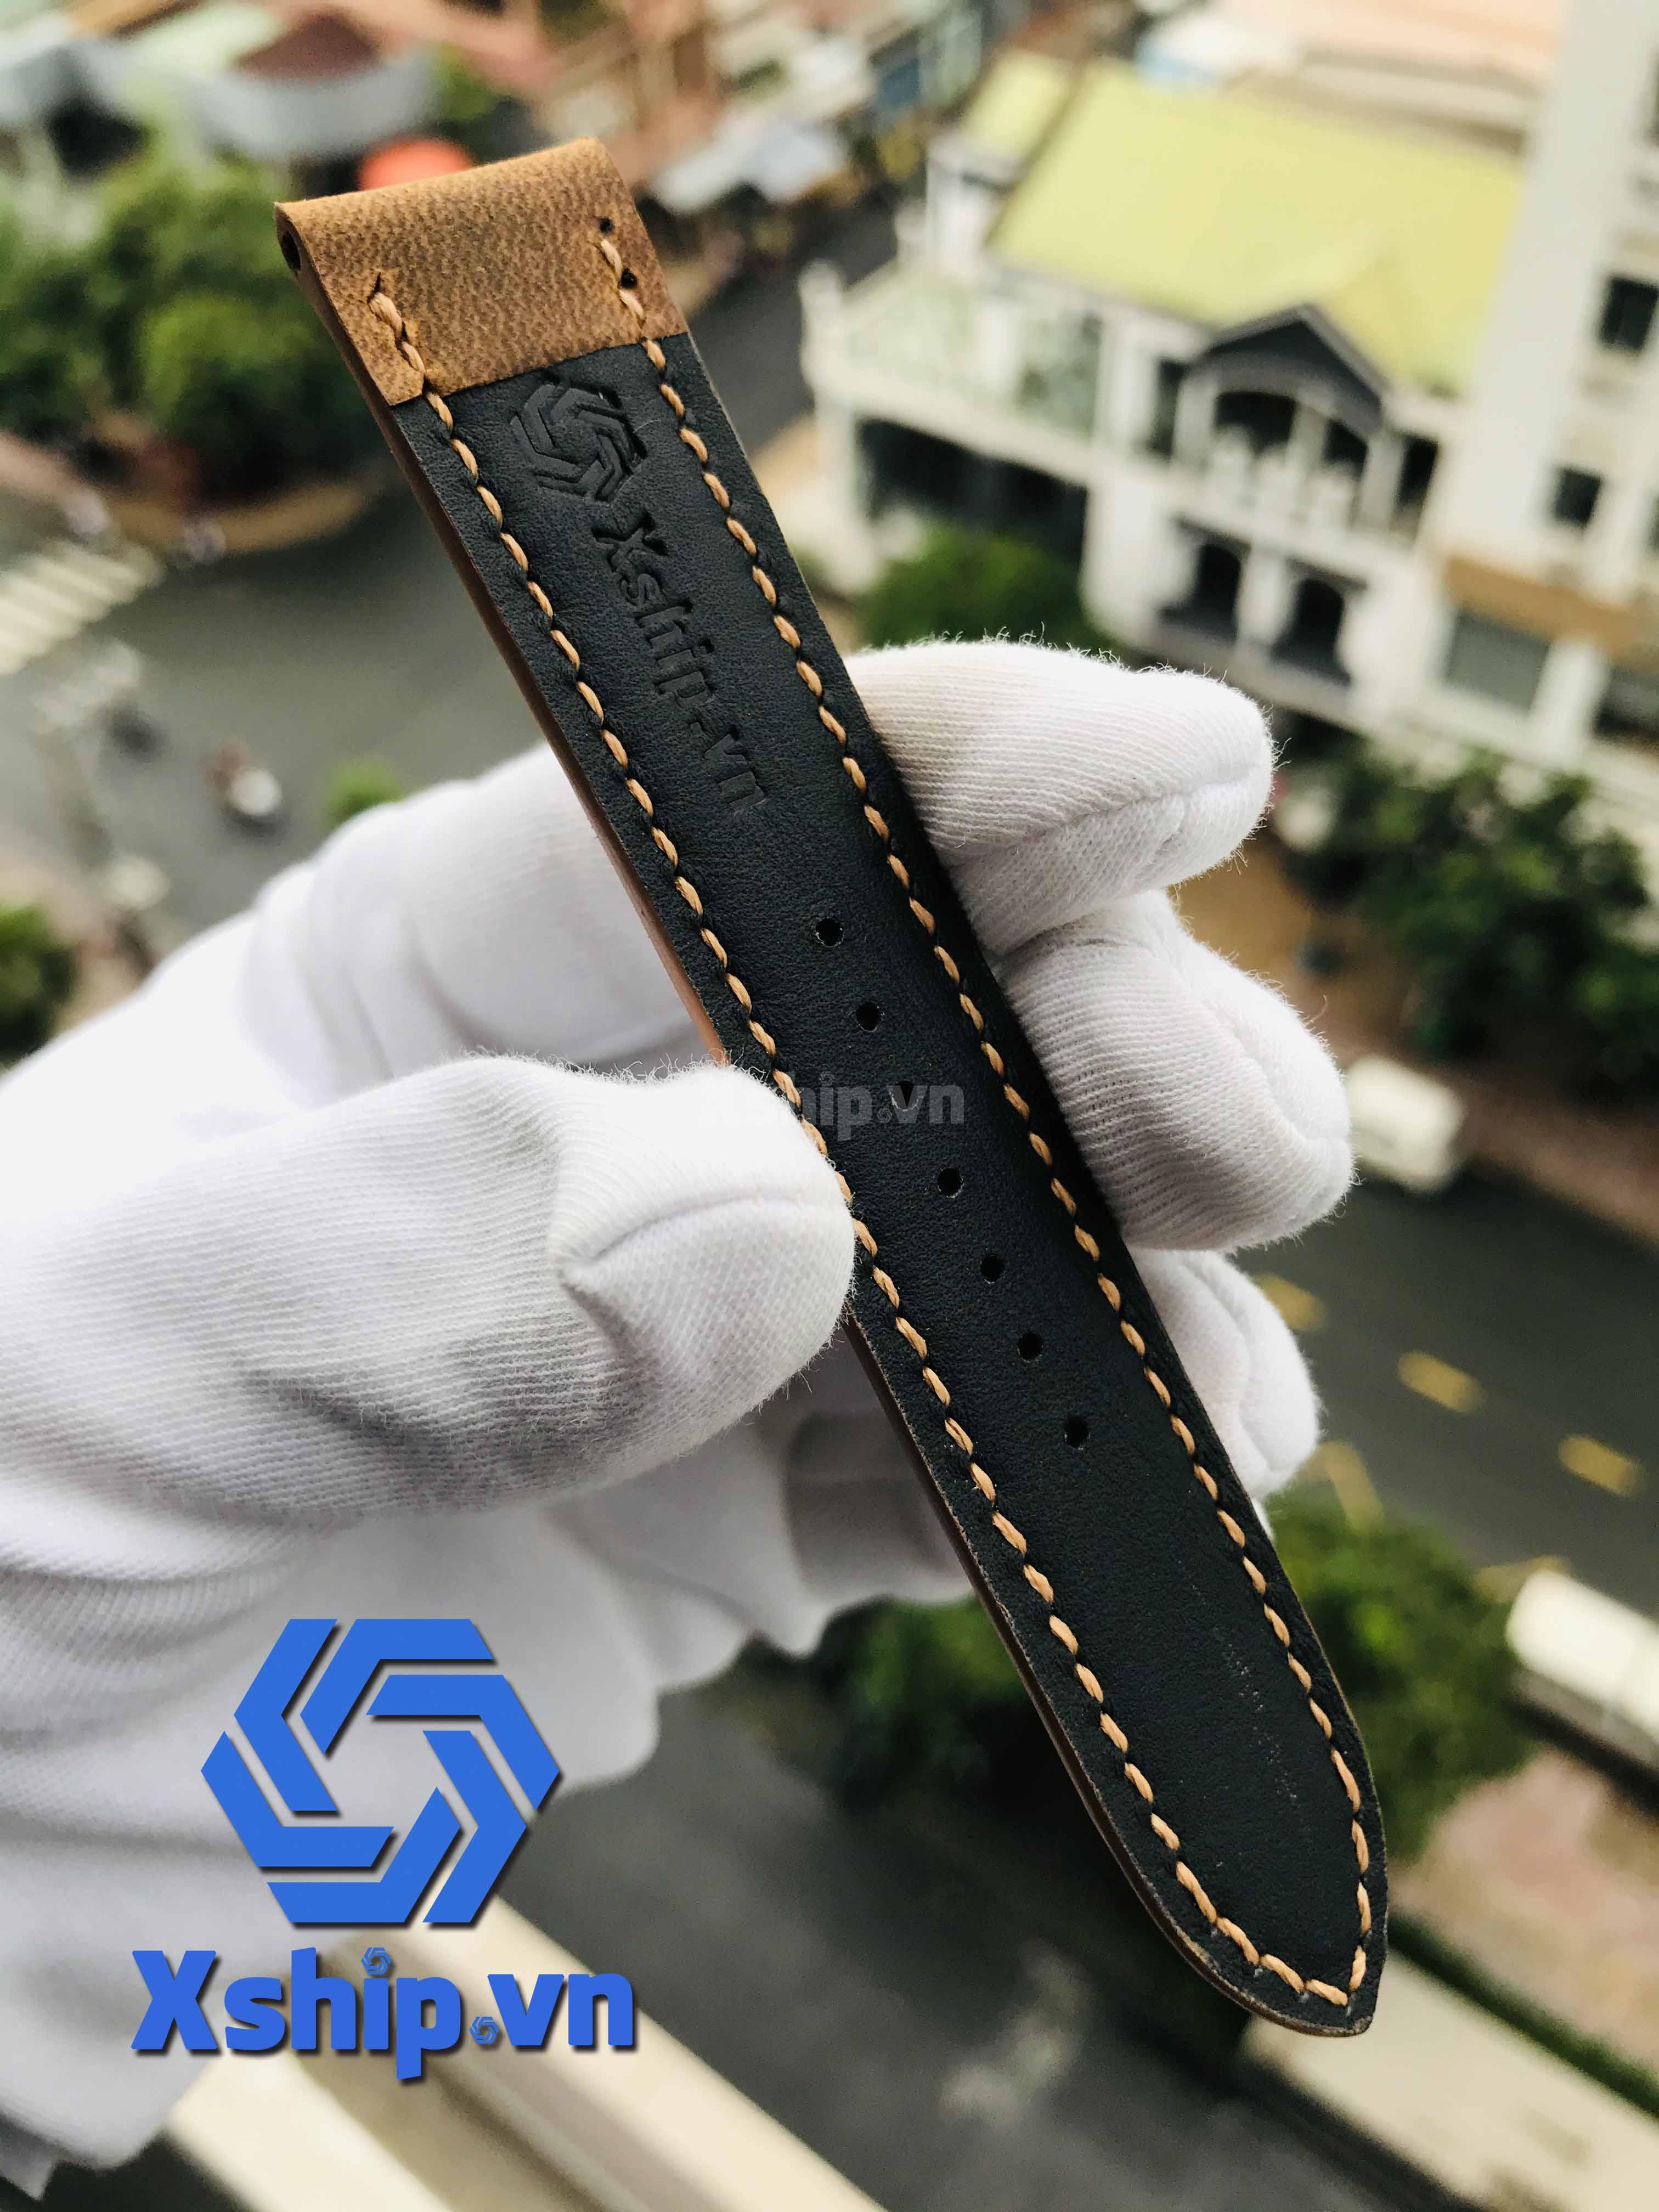 Tặng ngay một bộ dây da khi khách hàng đặt mua đồng hồ tại Xship.vn